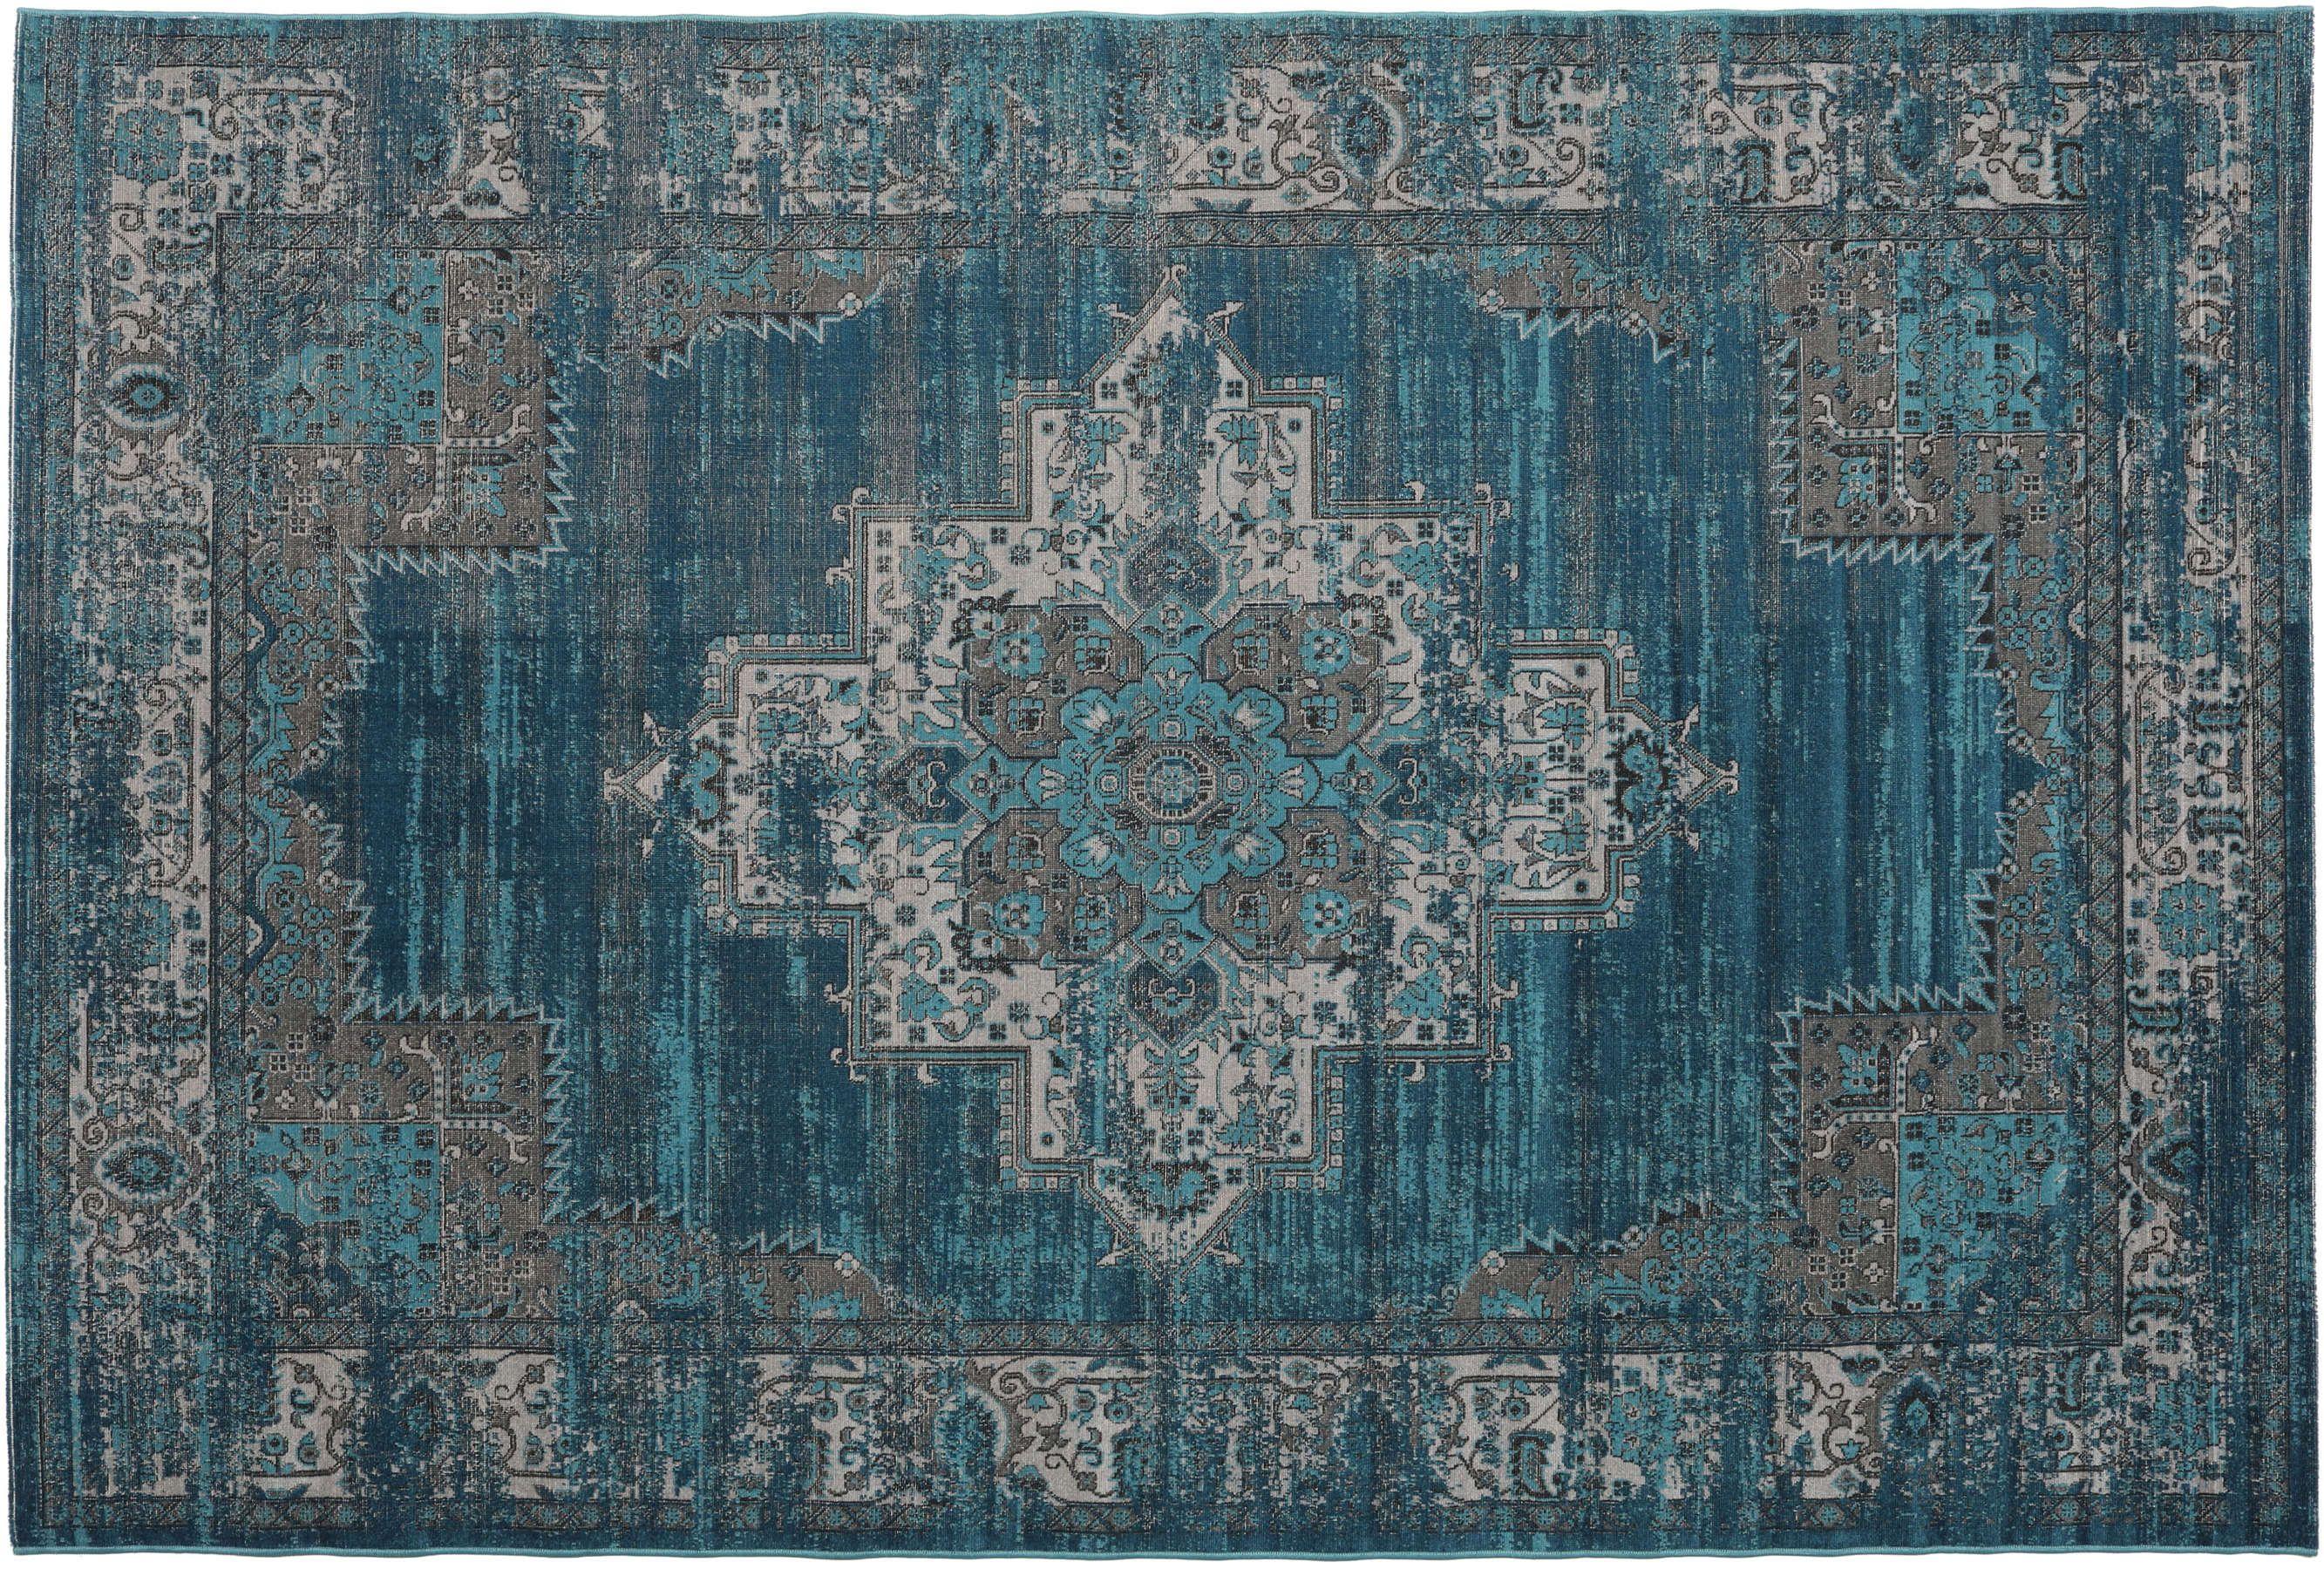 Tapijt Petrol Blauw : Kayoom vloerkleed etna petrol mijn karpet vloerkleden